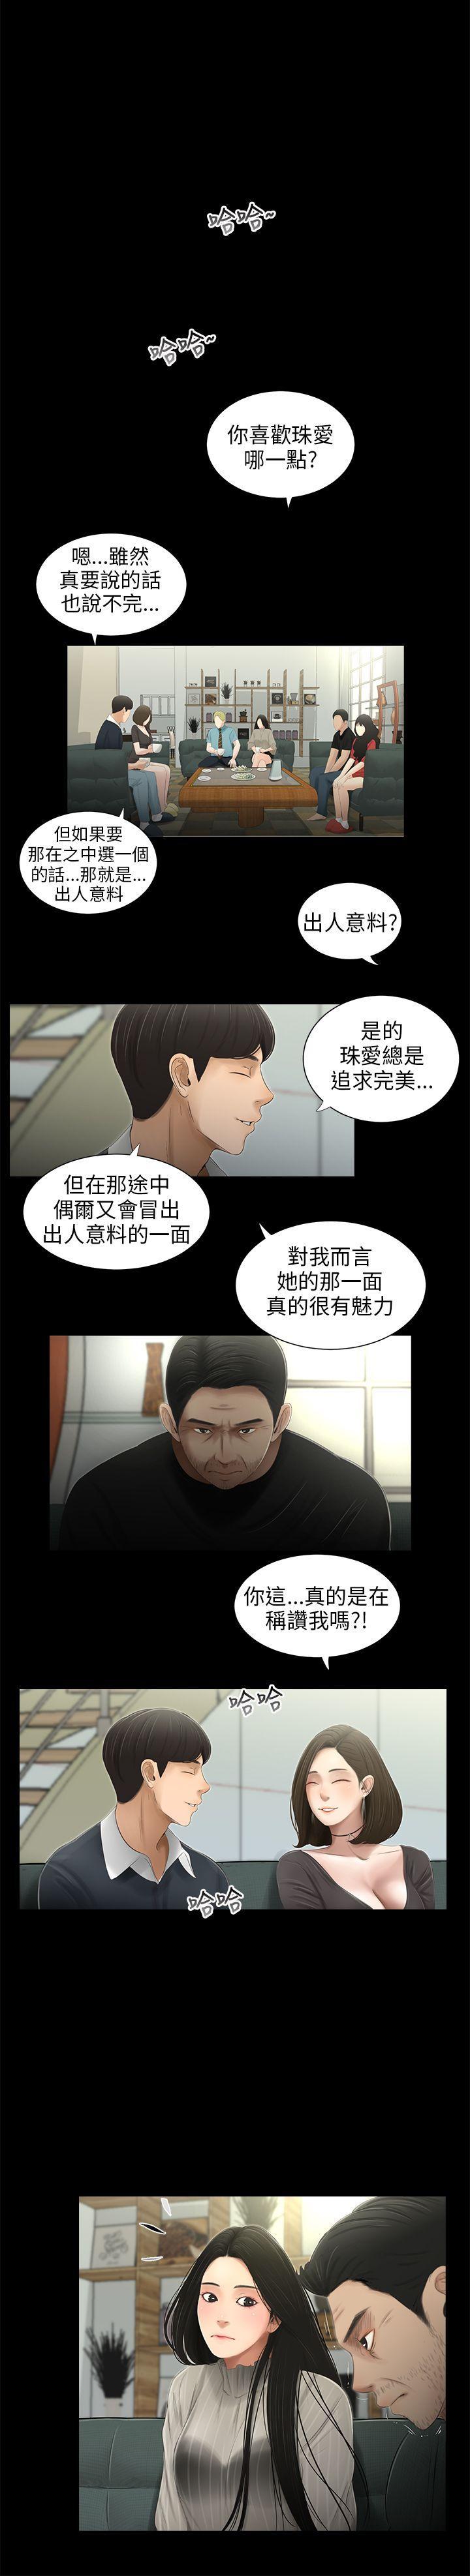 三姐妹 47-50 Chinese 50